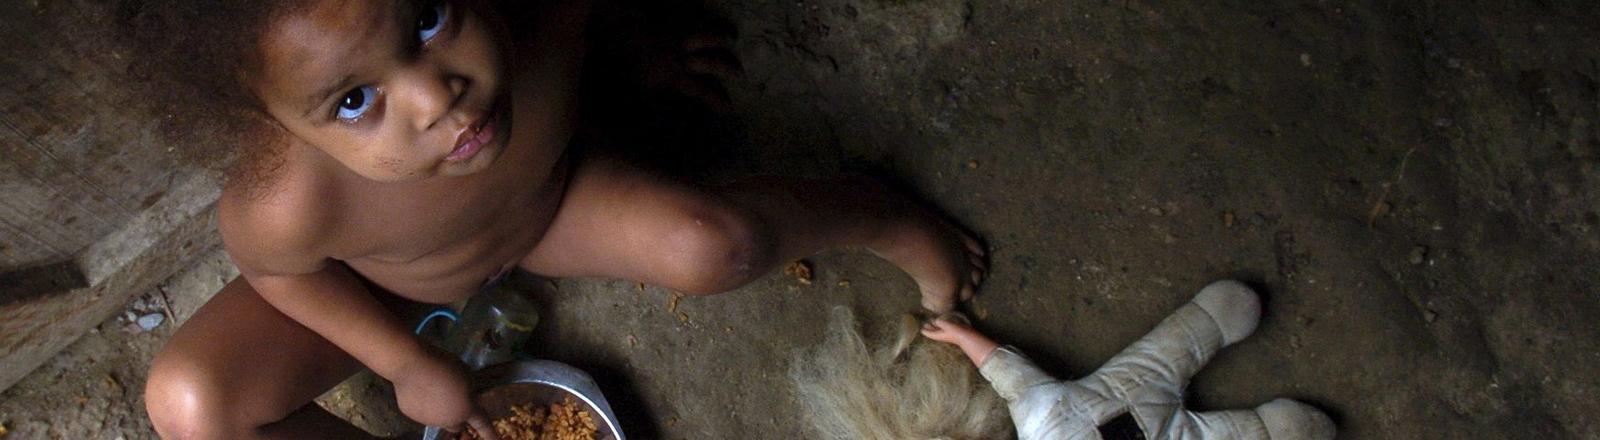 Die drei Jahre alte Ana Luisa aus Santo Domingo isst eine Portion Reis.